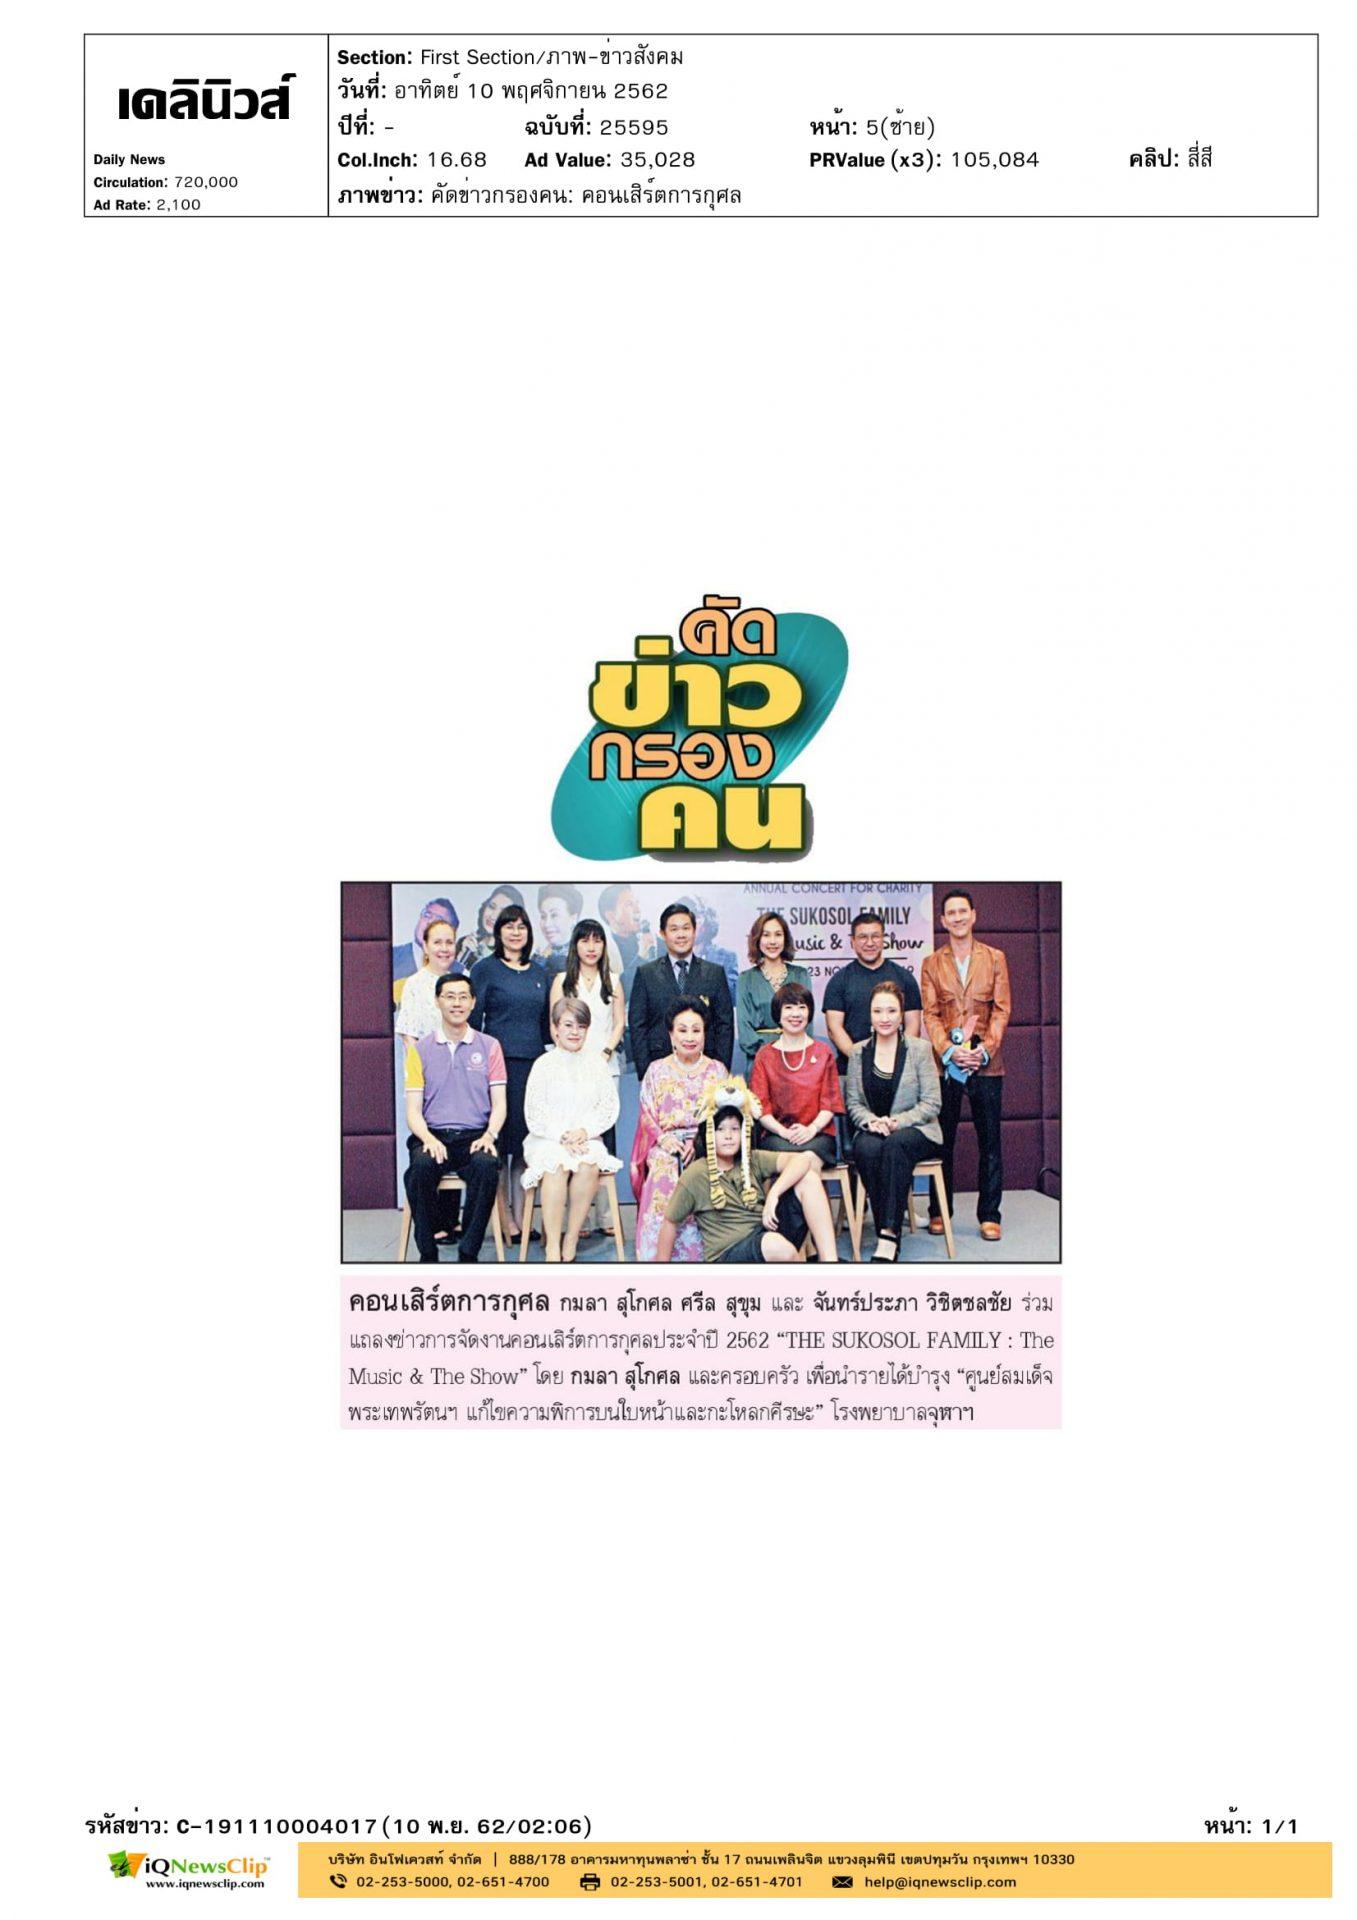 """แถลงข่าวการจัดคอนเสิร์ตการกุศล """"THE SUKOSOL FAMILY: The Music & The Show"""""""